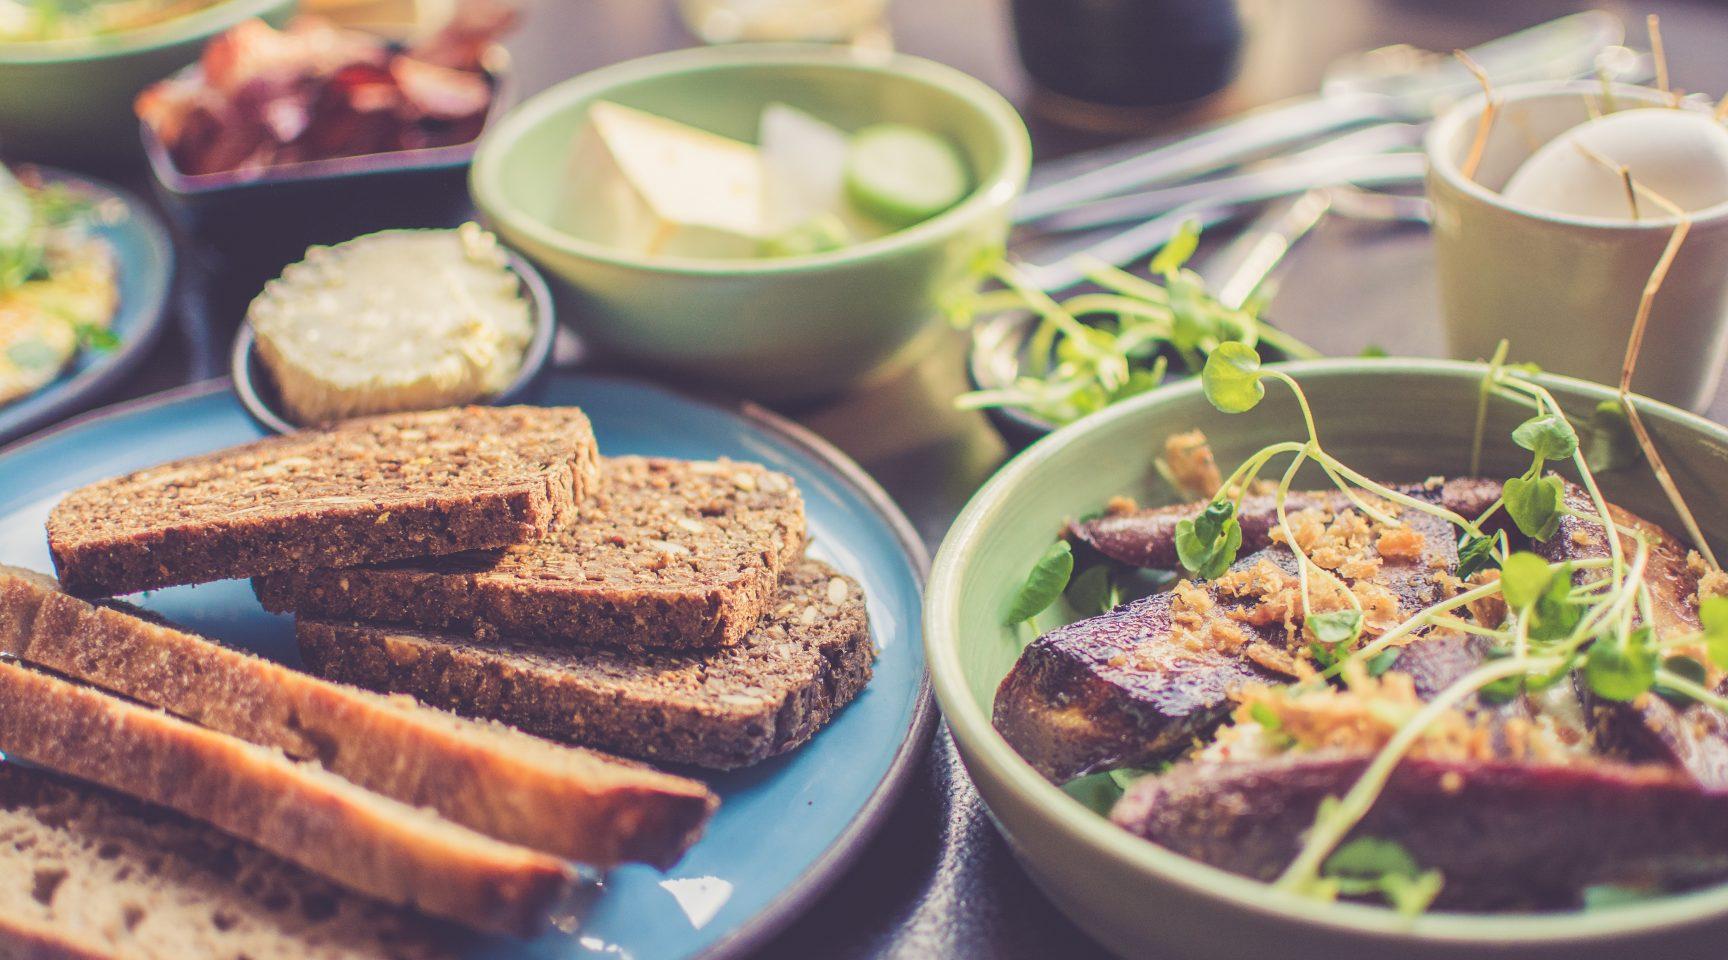 Consider Going Gluten-Free